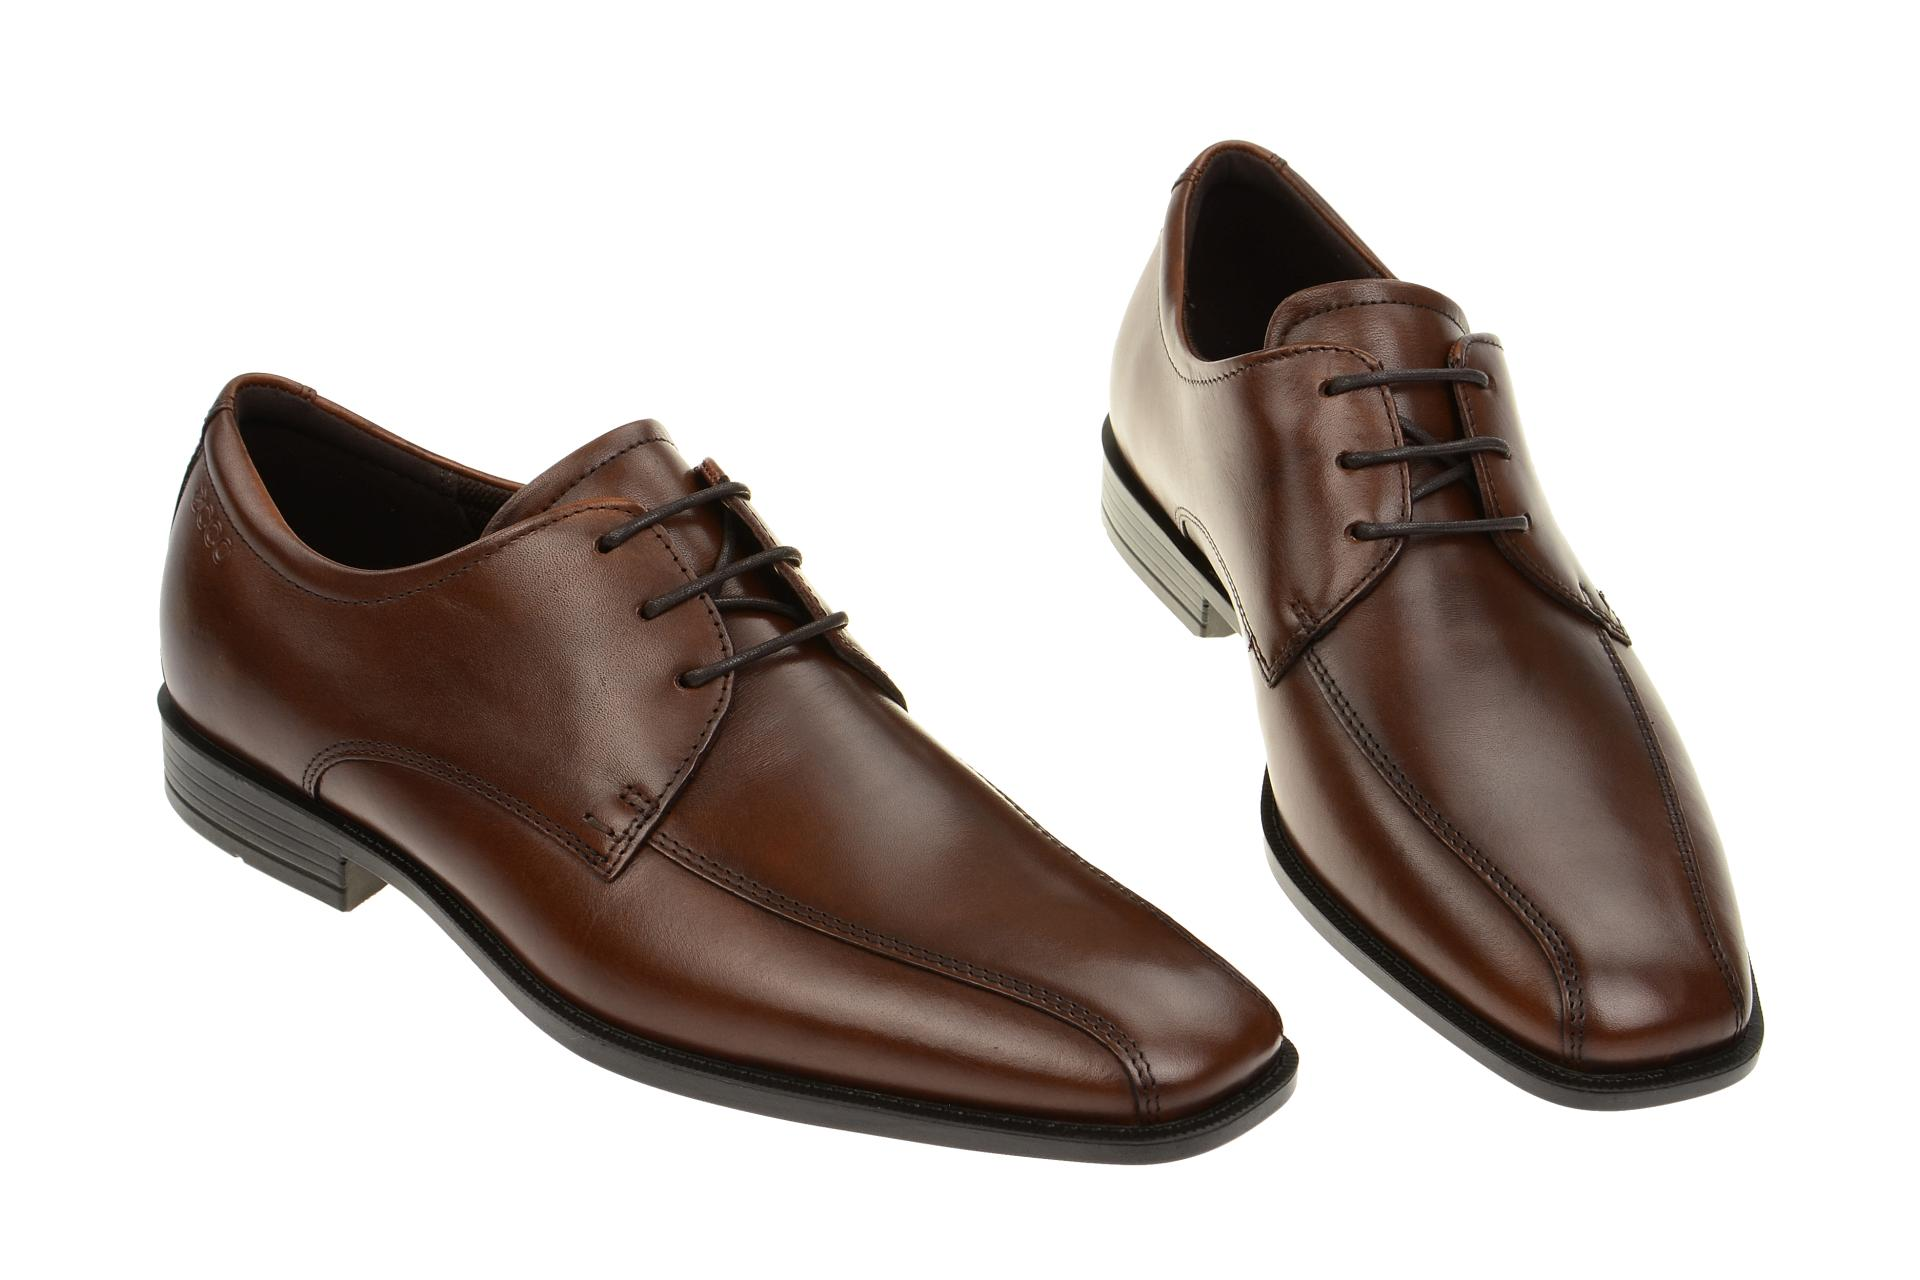 Herrenschuhe Kleidung & Accessoires Ecco Schuhe EDINBURGH